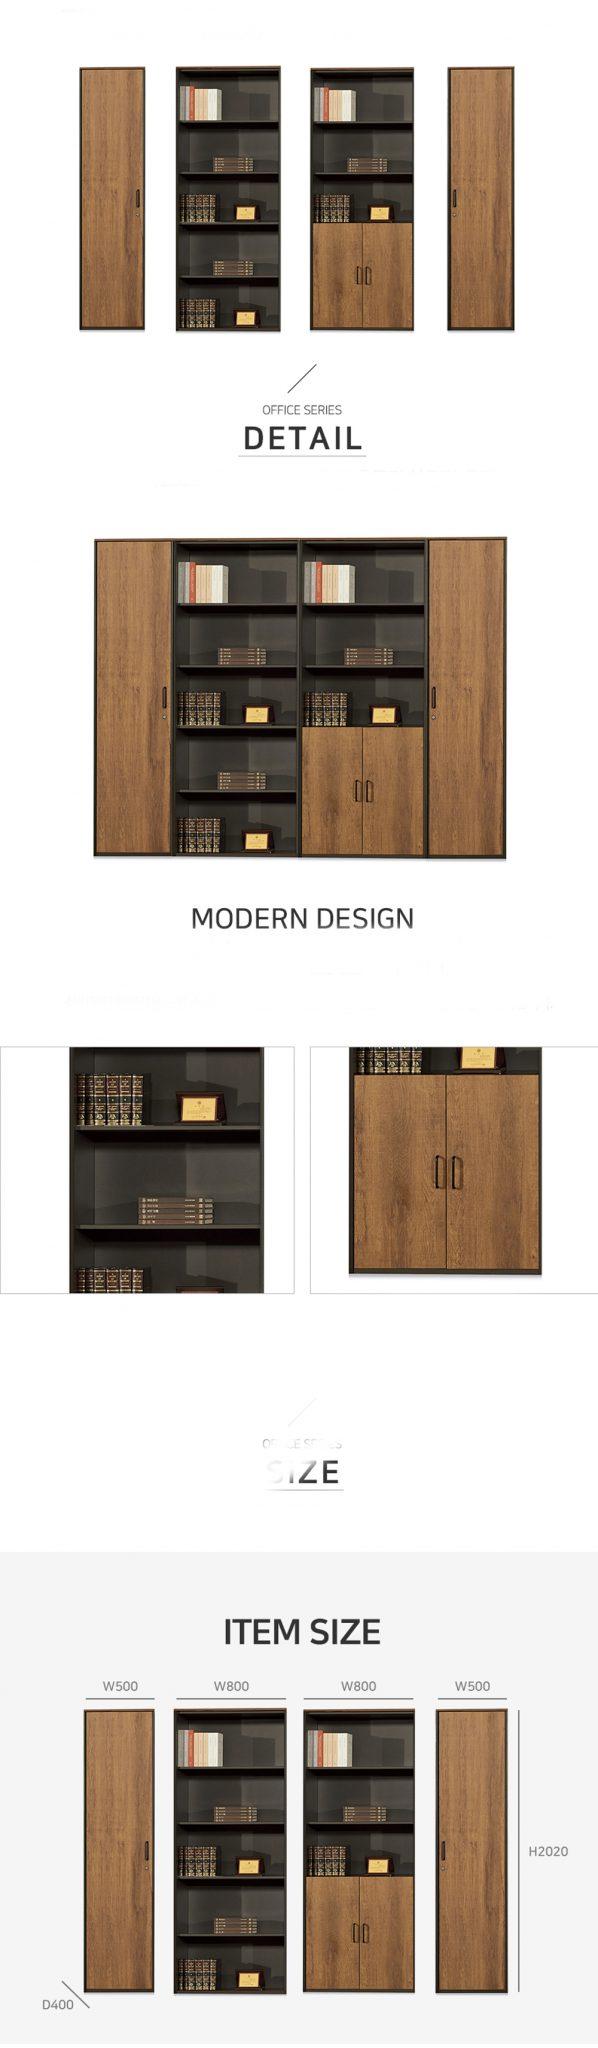 Tủ thiết kế đẹp. bắt mắt, có tủ khóa cất giữ tài liệu quan trọng.